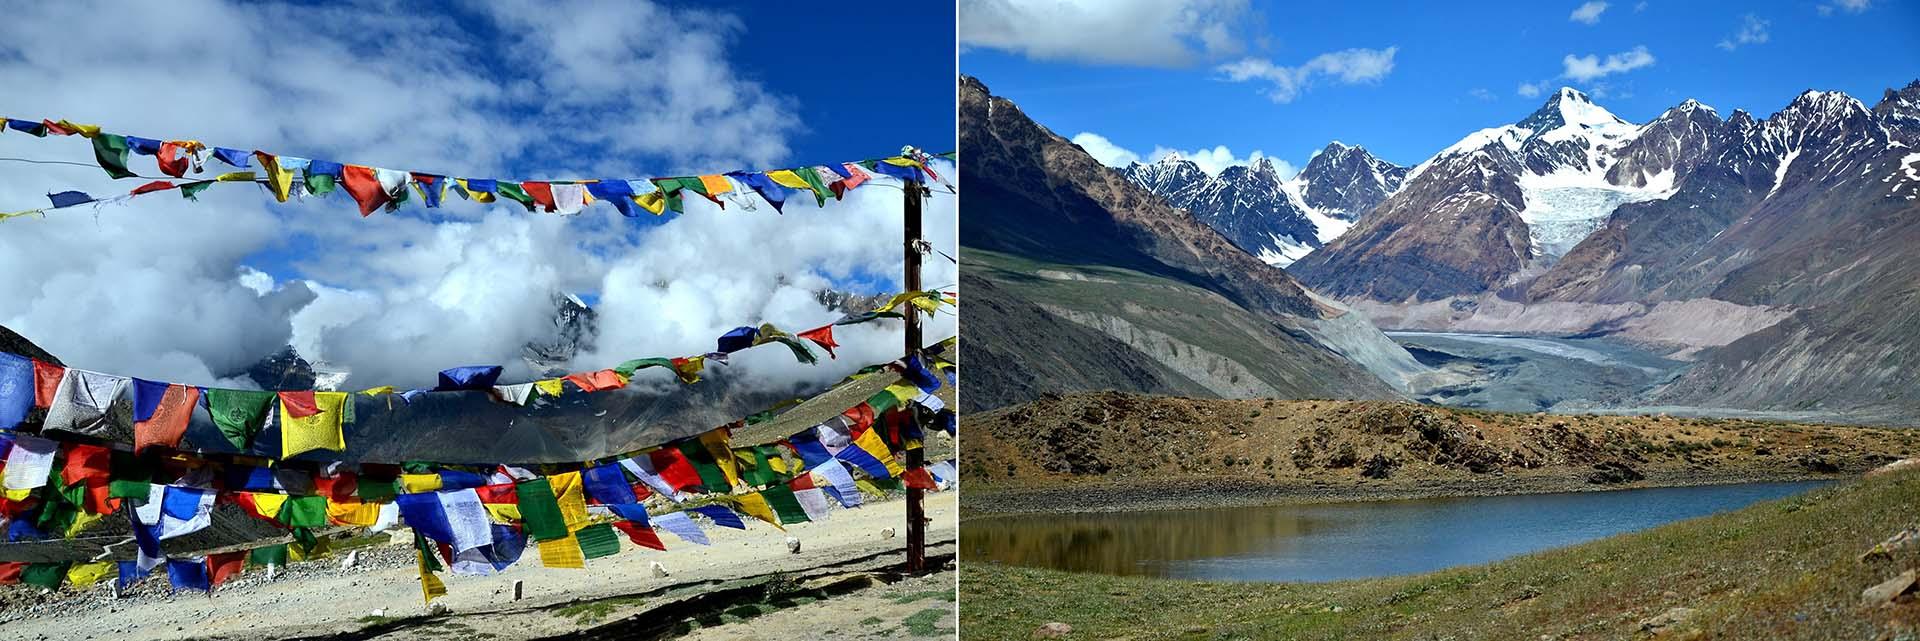 Himachal Pradesh - Khunzum La (passo, 4551m) e veduta panoramica sopra il ChandraTaal lake